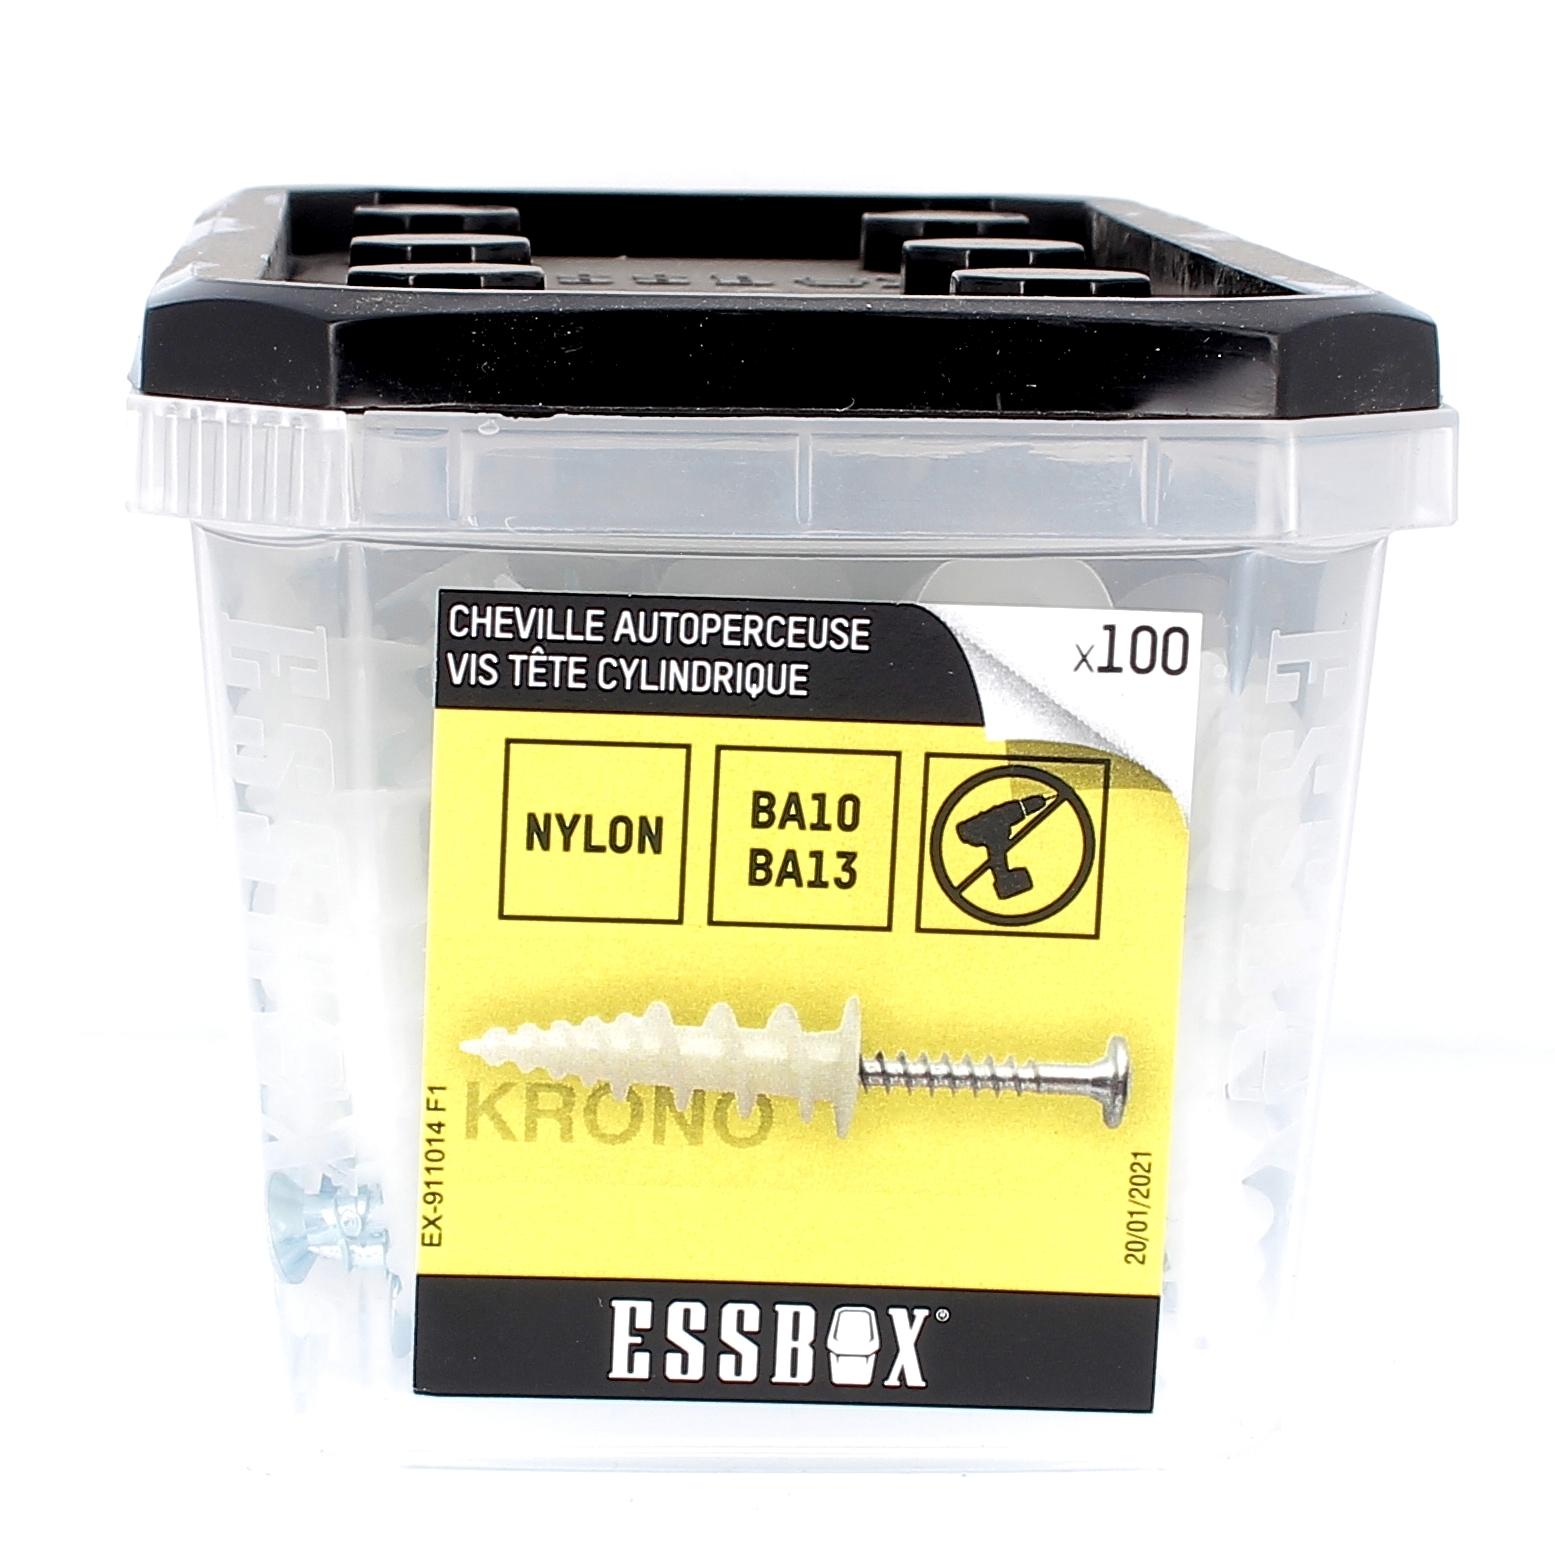 ESSBOX de 100 Chevilles Autoperceuses Nylon avec Vis TR 4.5X30